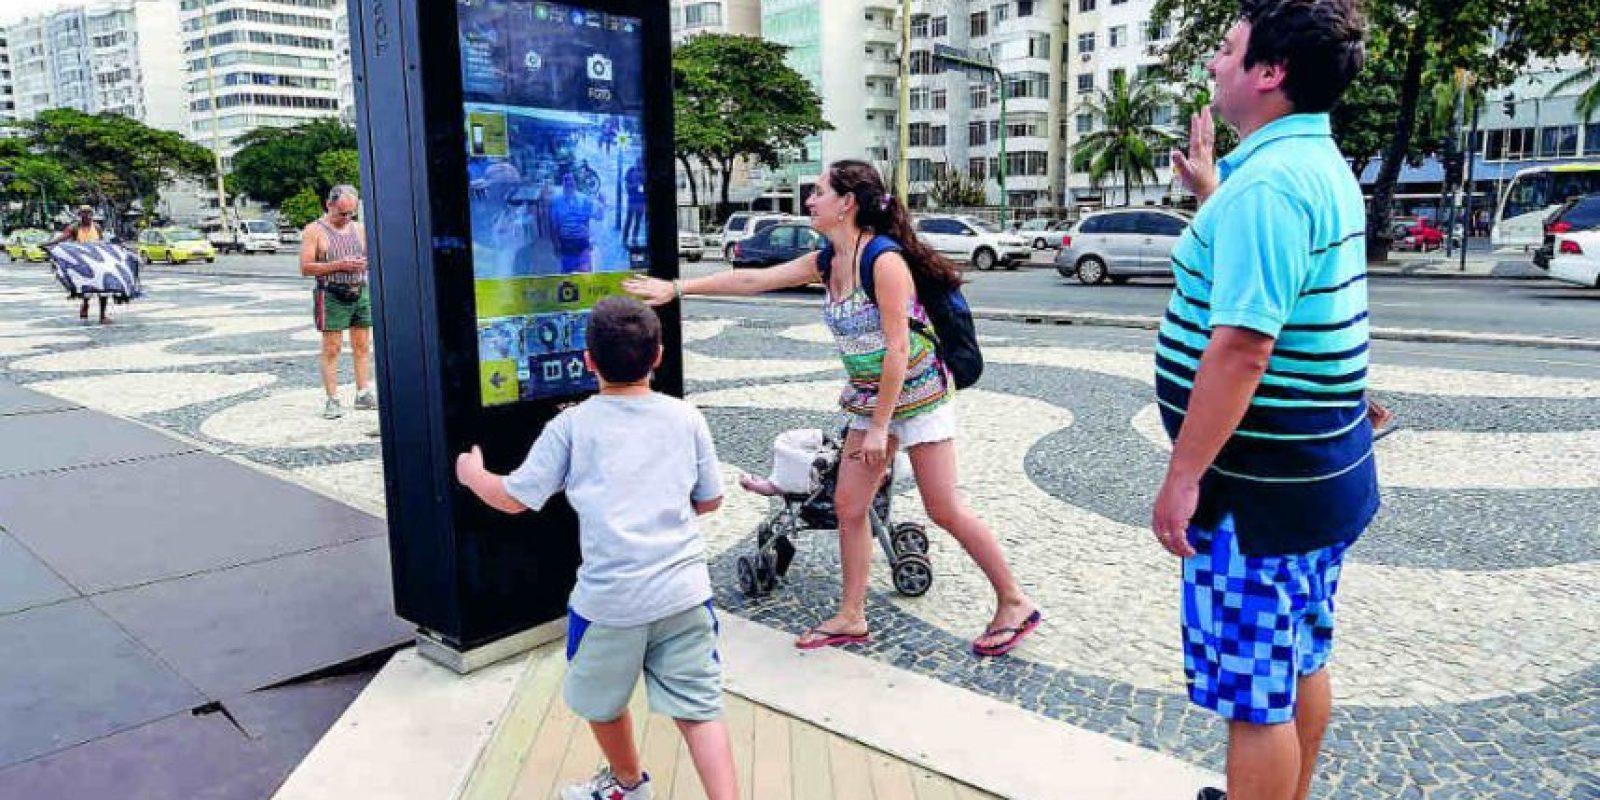 Familia de argentinos no consiguió enviar foto tomadas en el dispositivo. Foto:BRUNA PRADO / METRO RIO. Imagen Por: